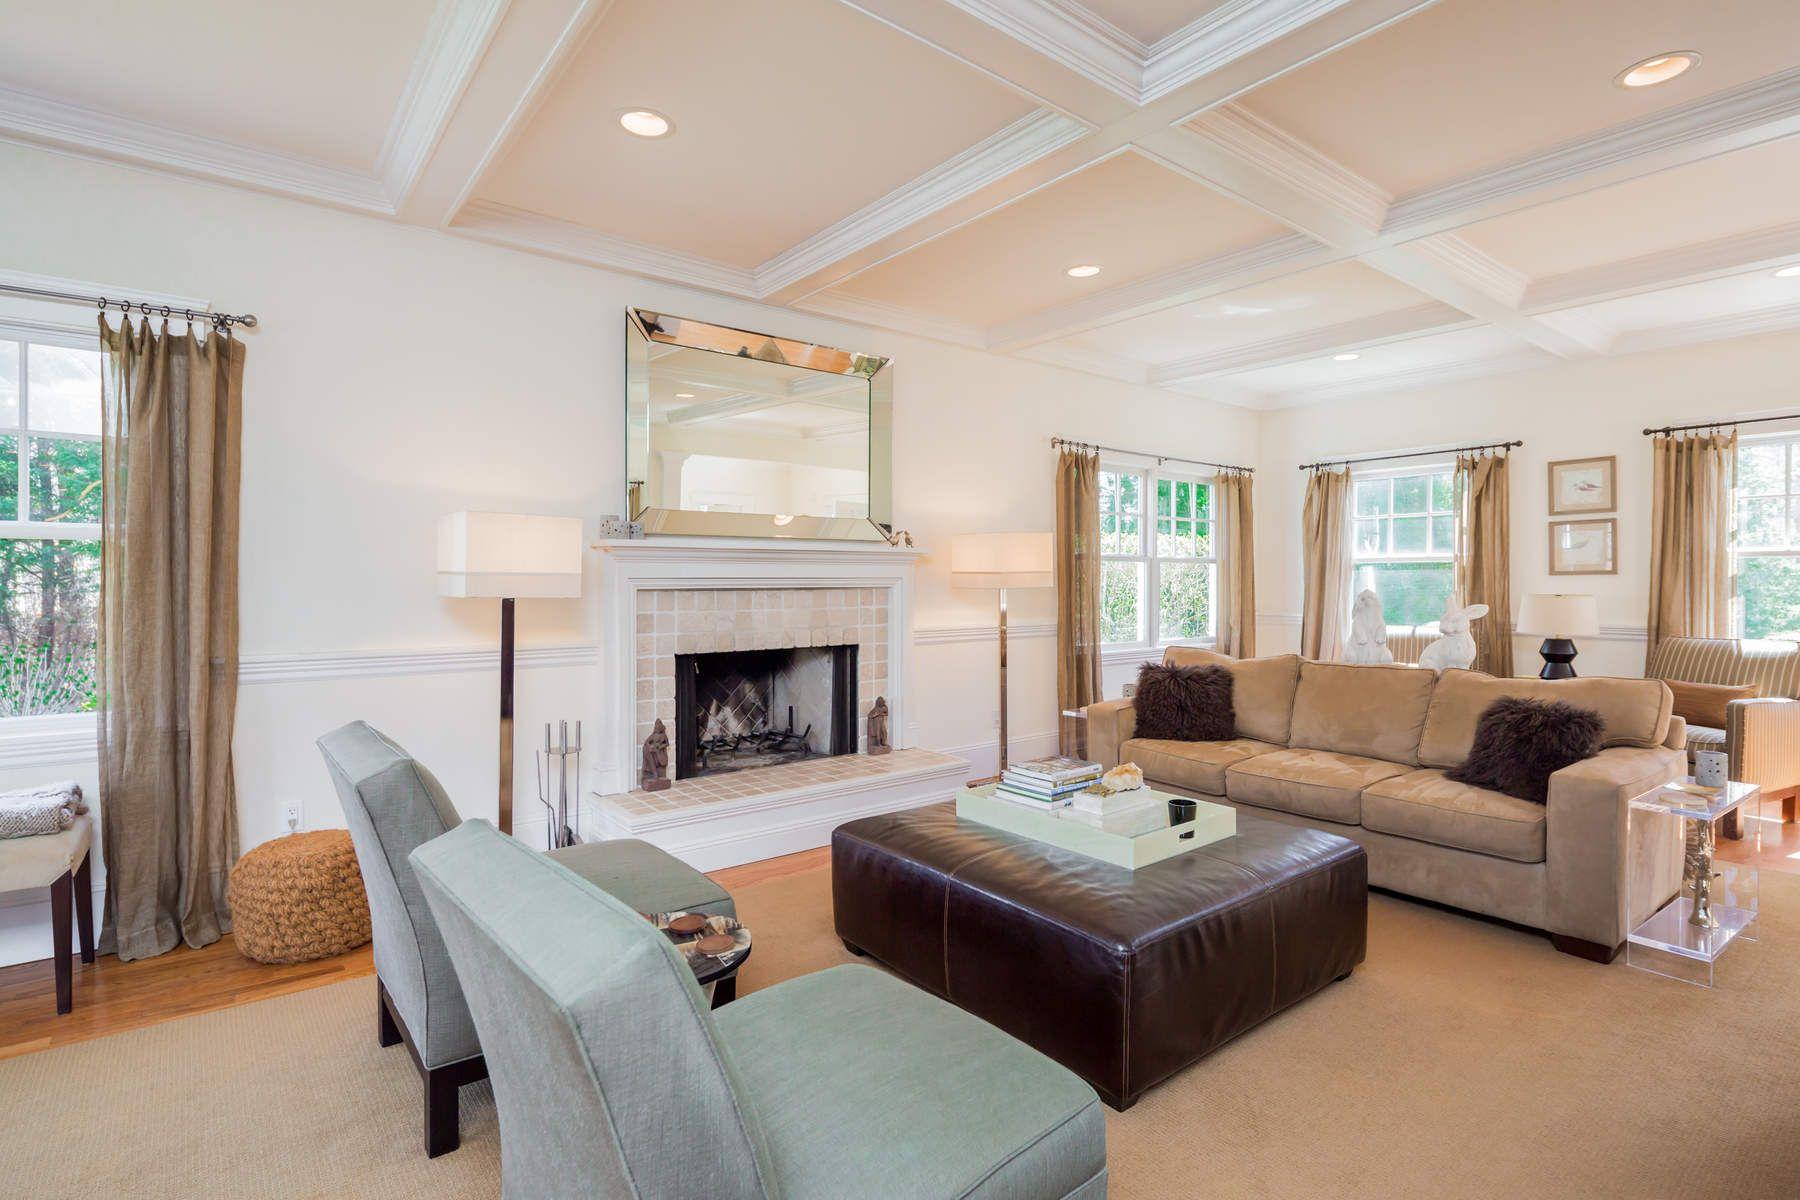 Частный односемейный дом для того Продажа на Best Value Under 2M - Private Setting 10 Bay Colony Court, East Hampton, Нью-Йорк, 11937 Соединенные Штаты